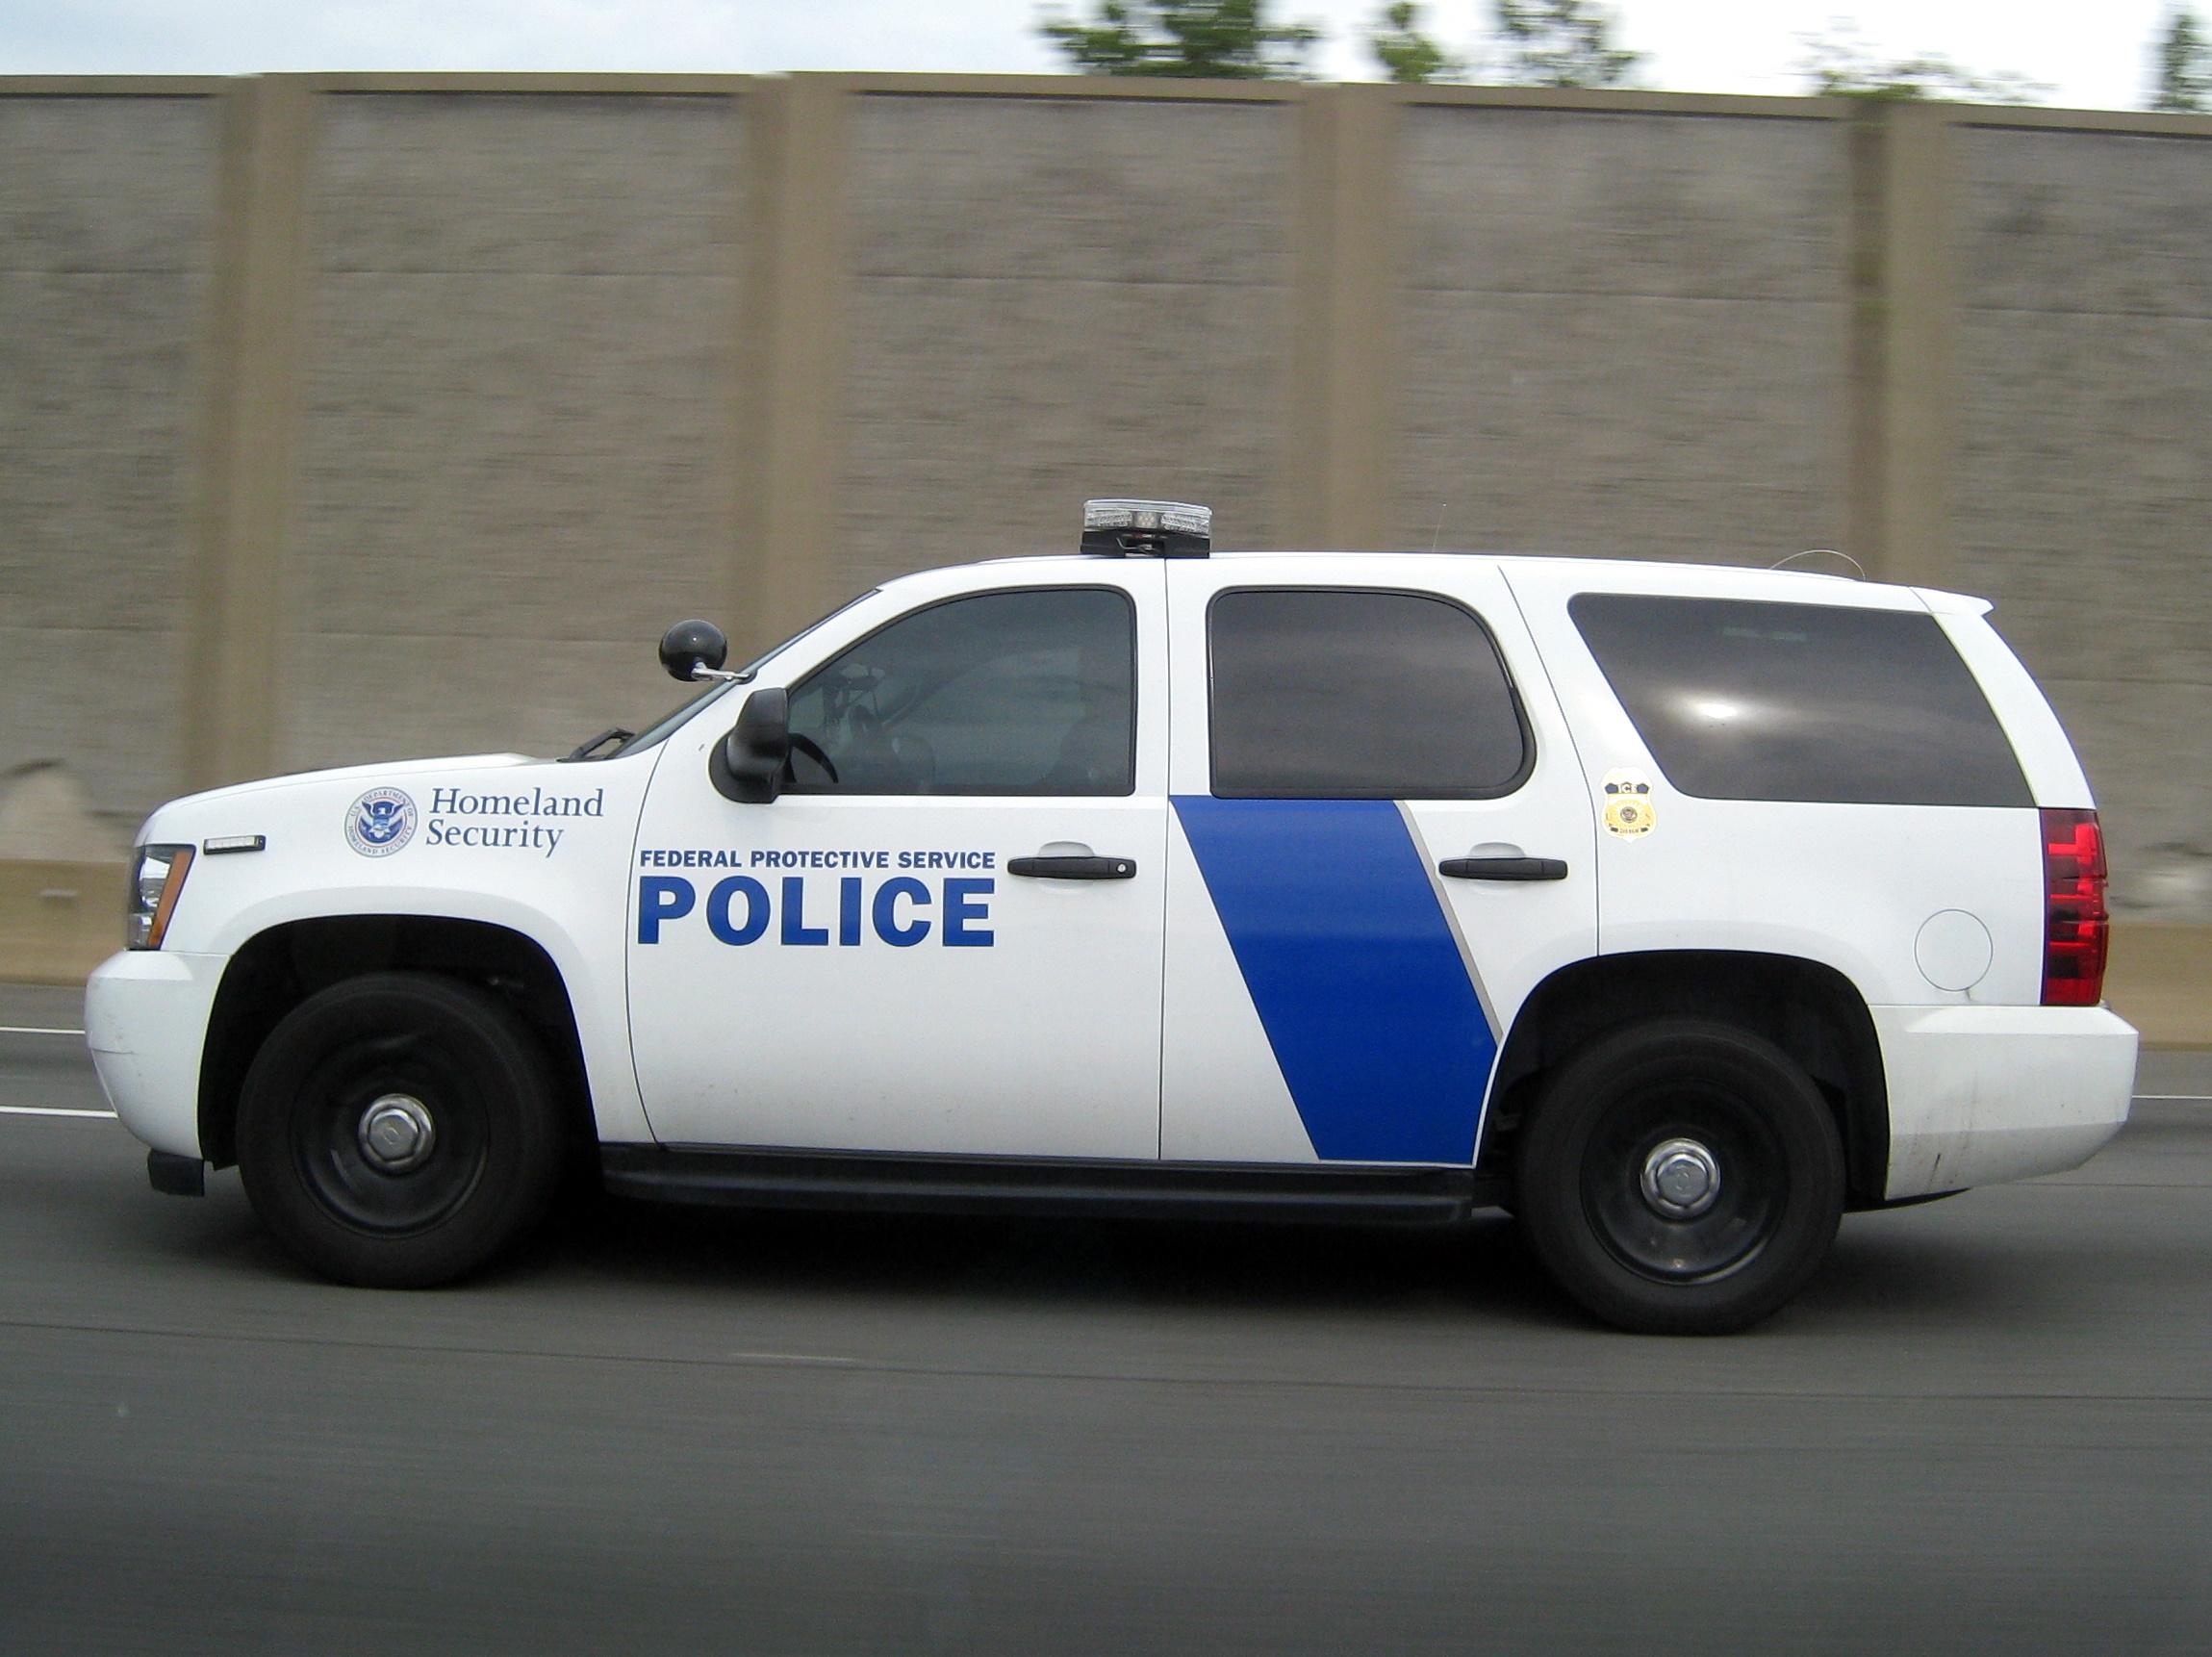 Так выглядят автомобили иммиграционной службы. Фото: glocktalk.com